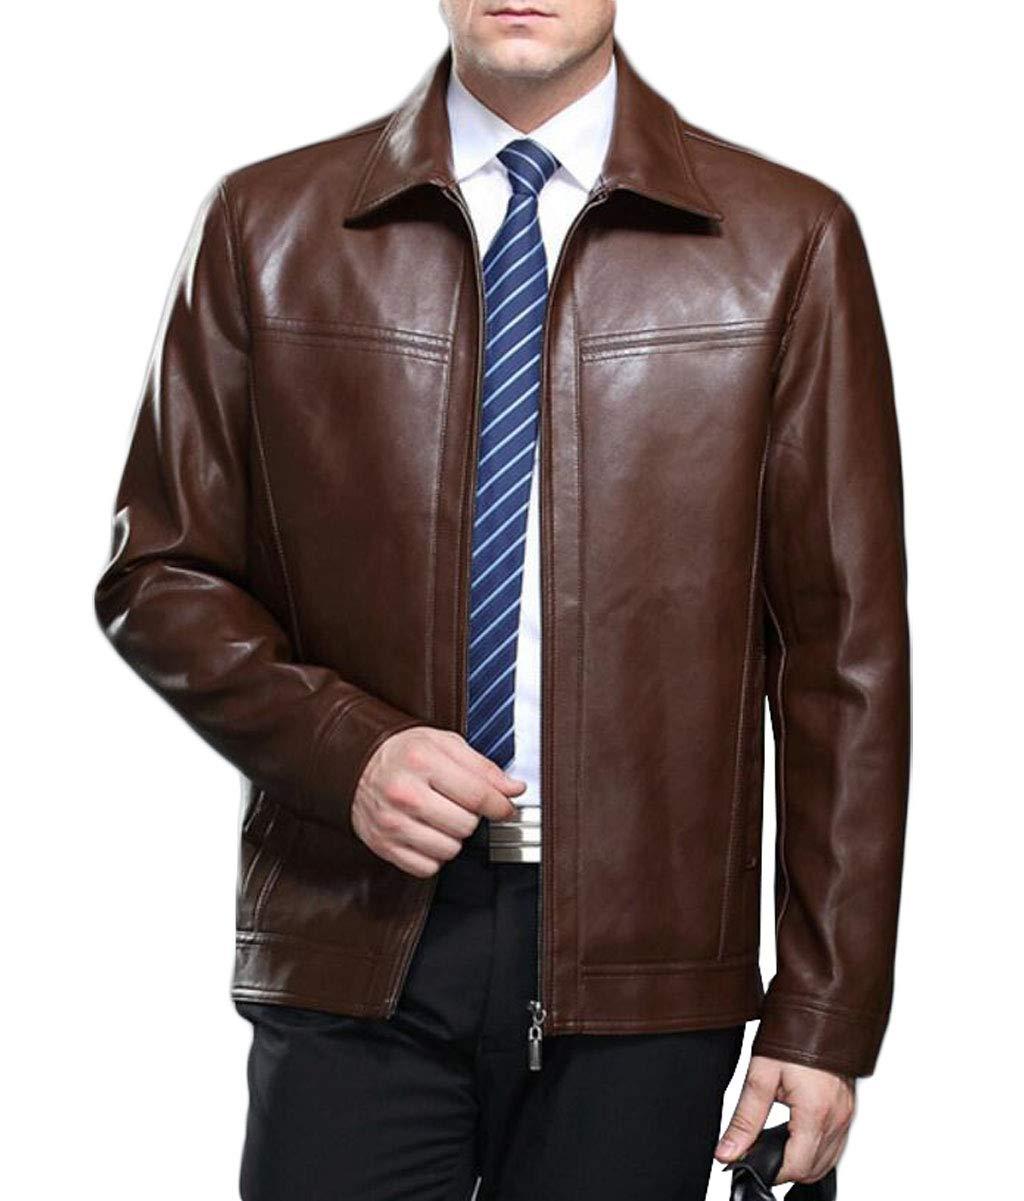 Chaud En Brown couleur Moyen L Cuir Portent D'hiver Veste D'âge Zjexjj Limited Taille Épais Papa Hommes q4PEEg